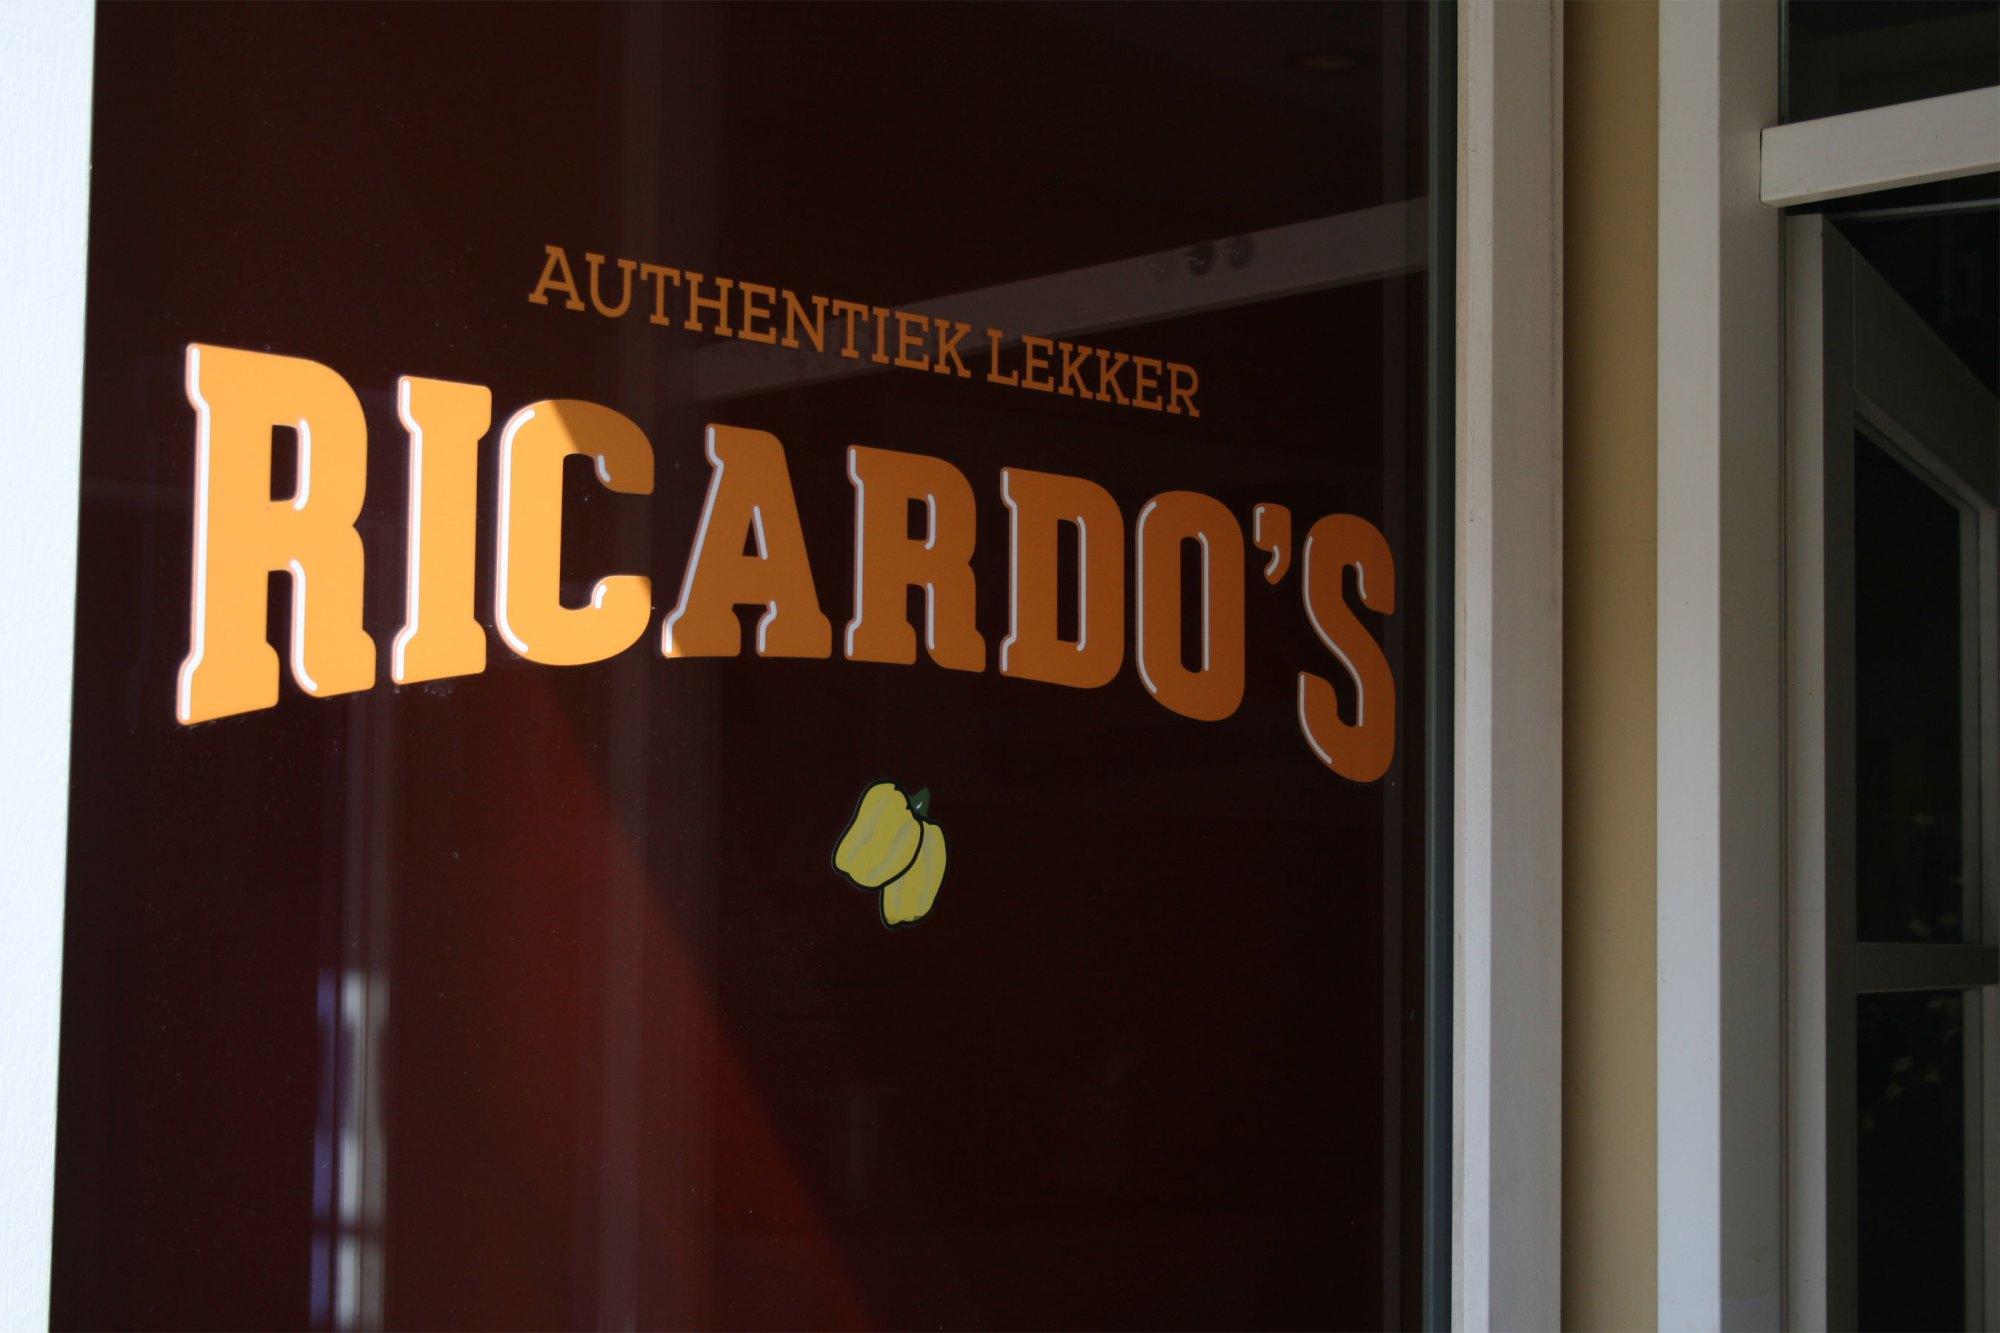 Logo van Ricardo's op de gevel